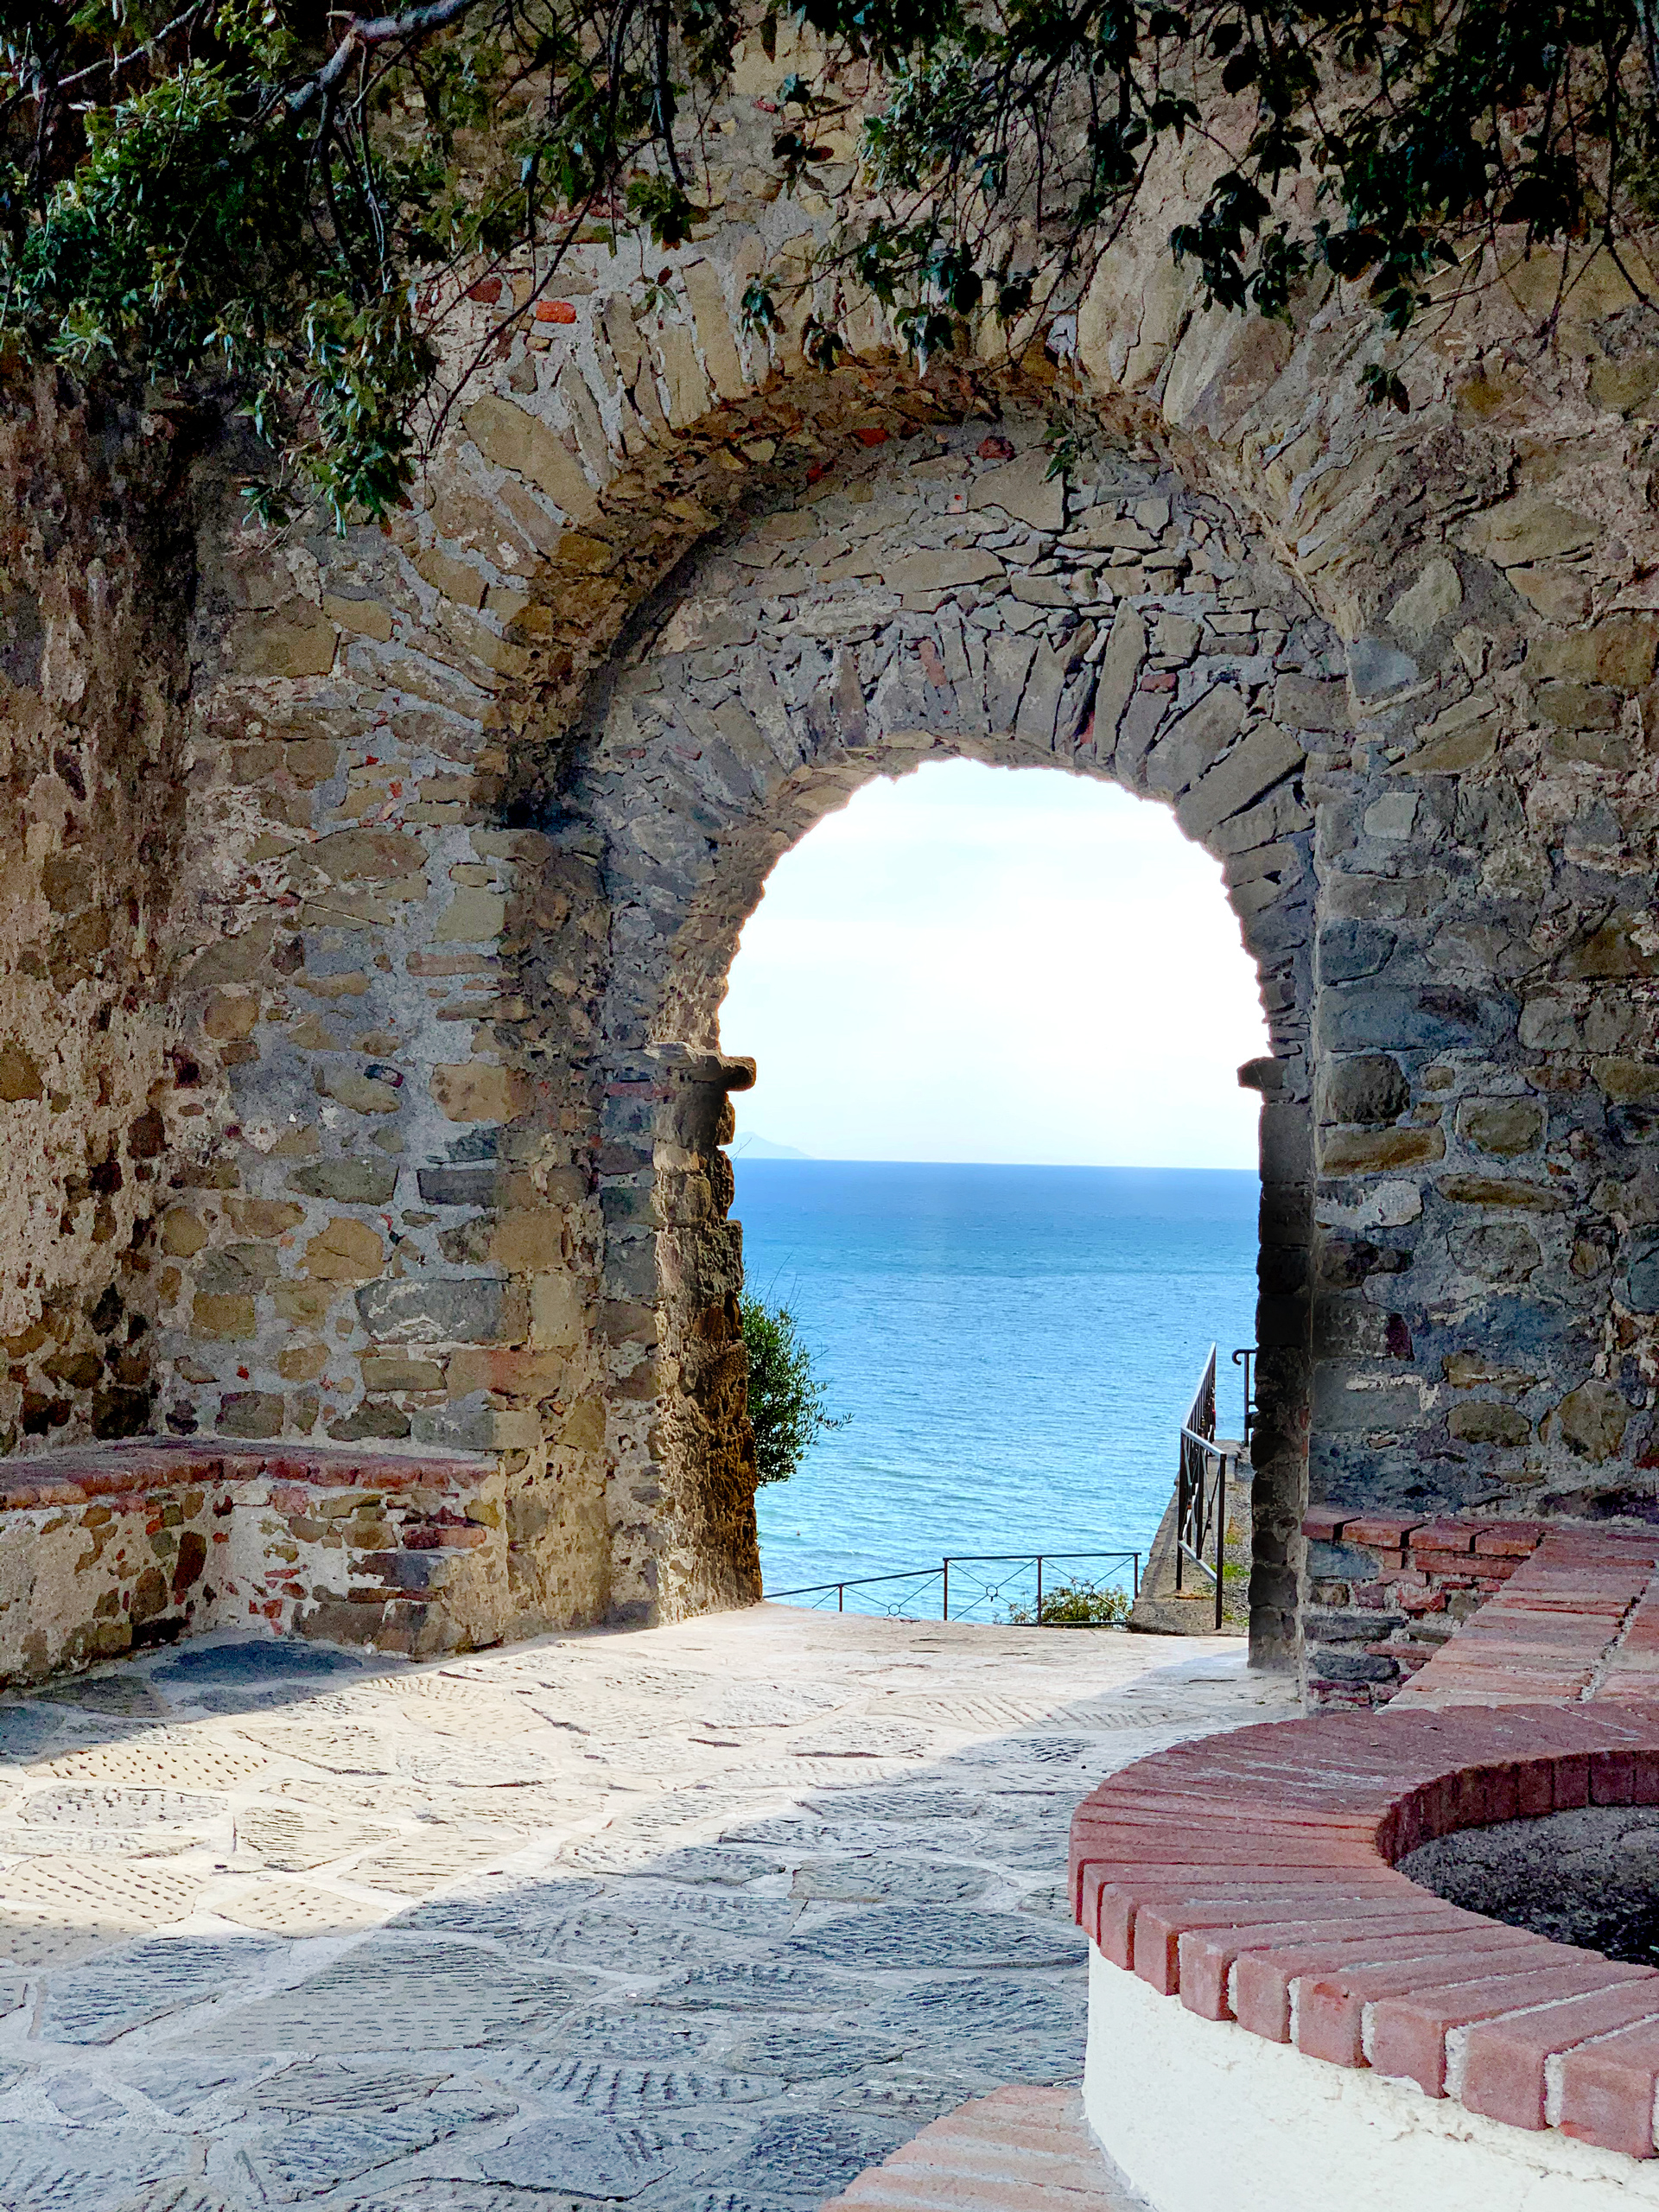 Villa Ancora Appartamenti Castiglione della Pescaia Vicino al Mare - foto del borgo sul mare